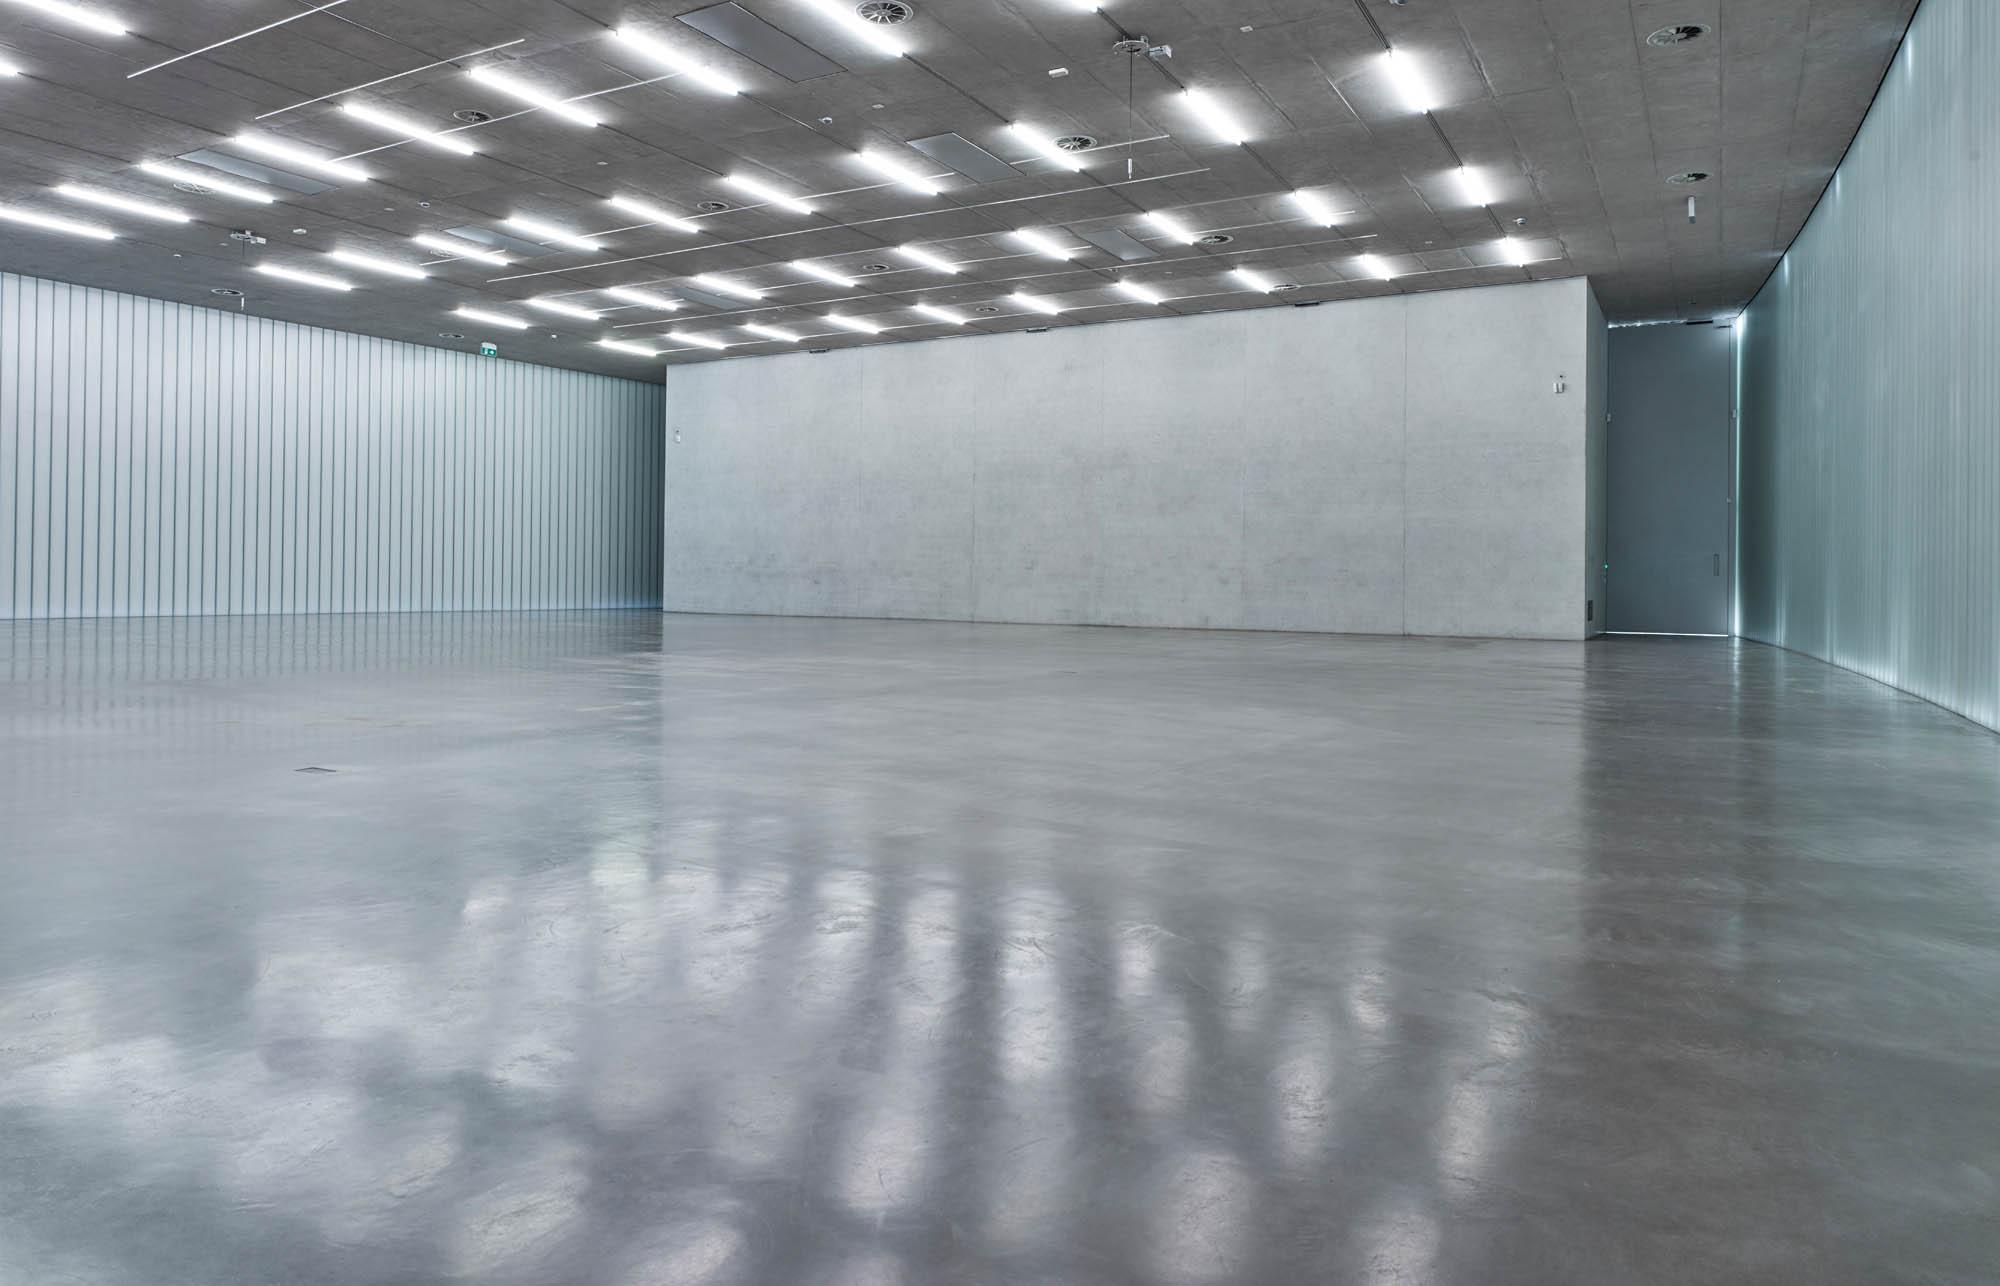 OPC 160908 0036 - Galerie Stihl Waiblingen: Ablichtung der Ausstellungshalle